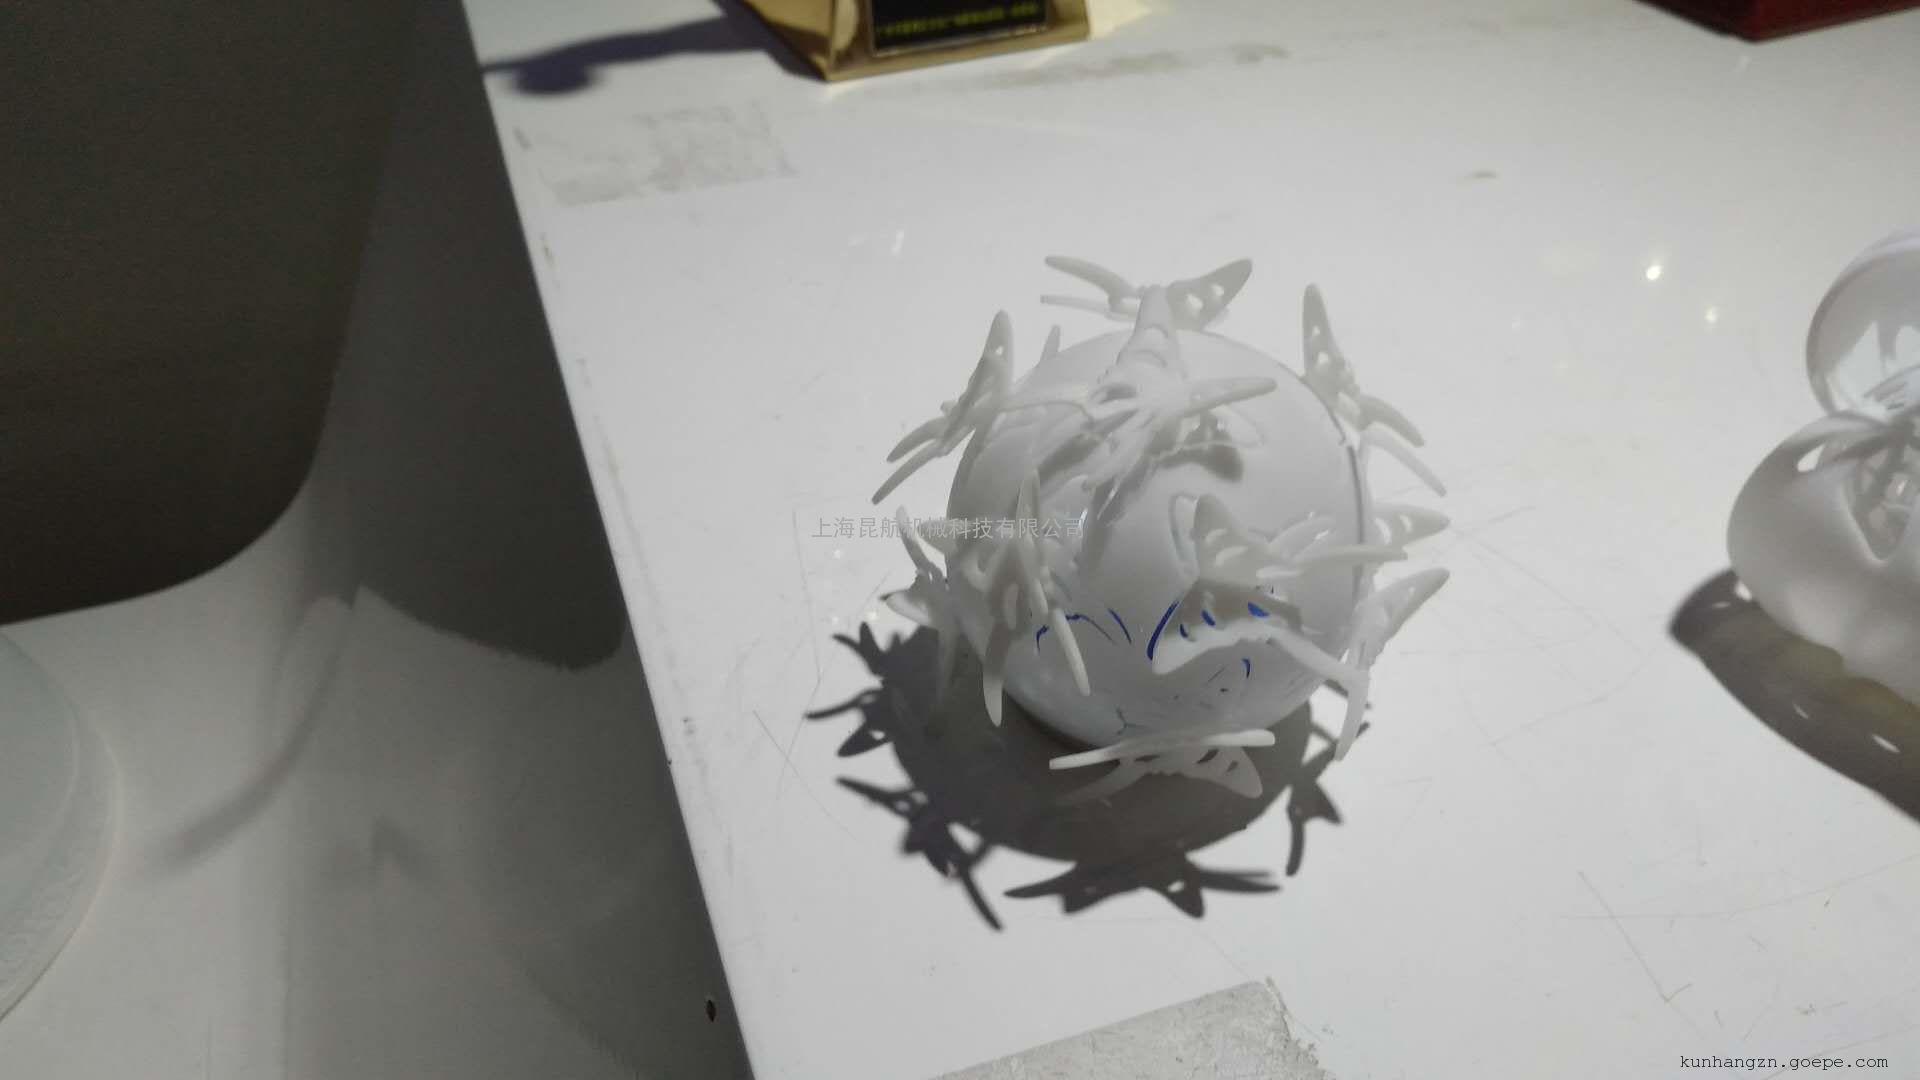 3D打印模型美容师--昆航3D打印模型喷砂机c教程视频苏坤图片